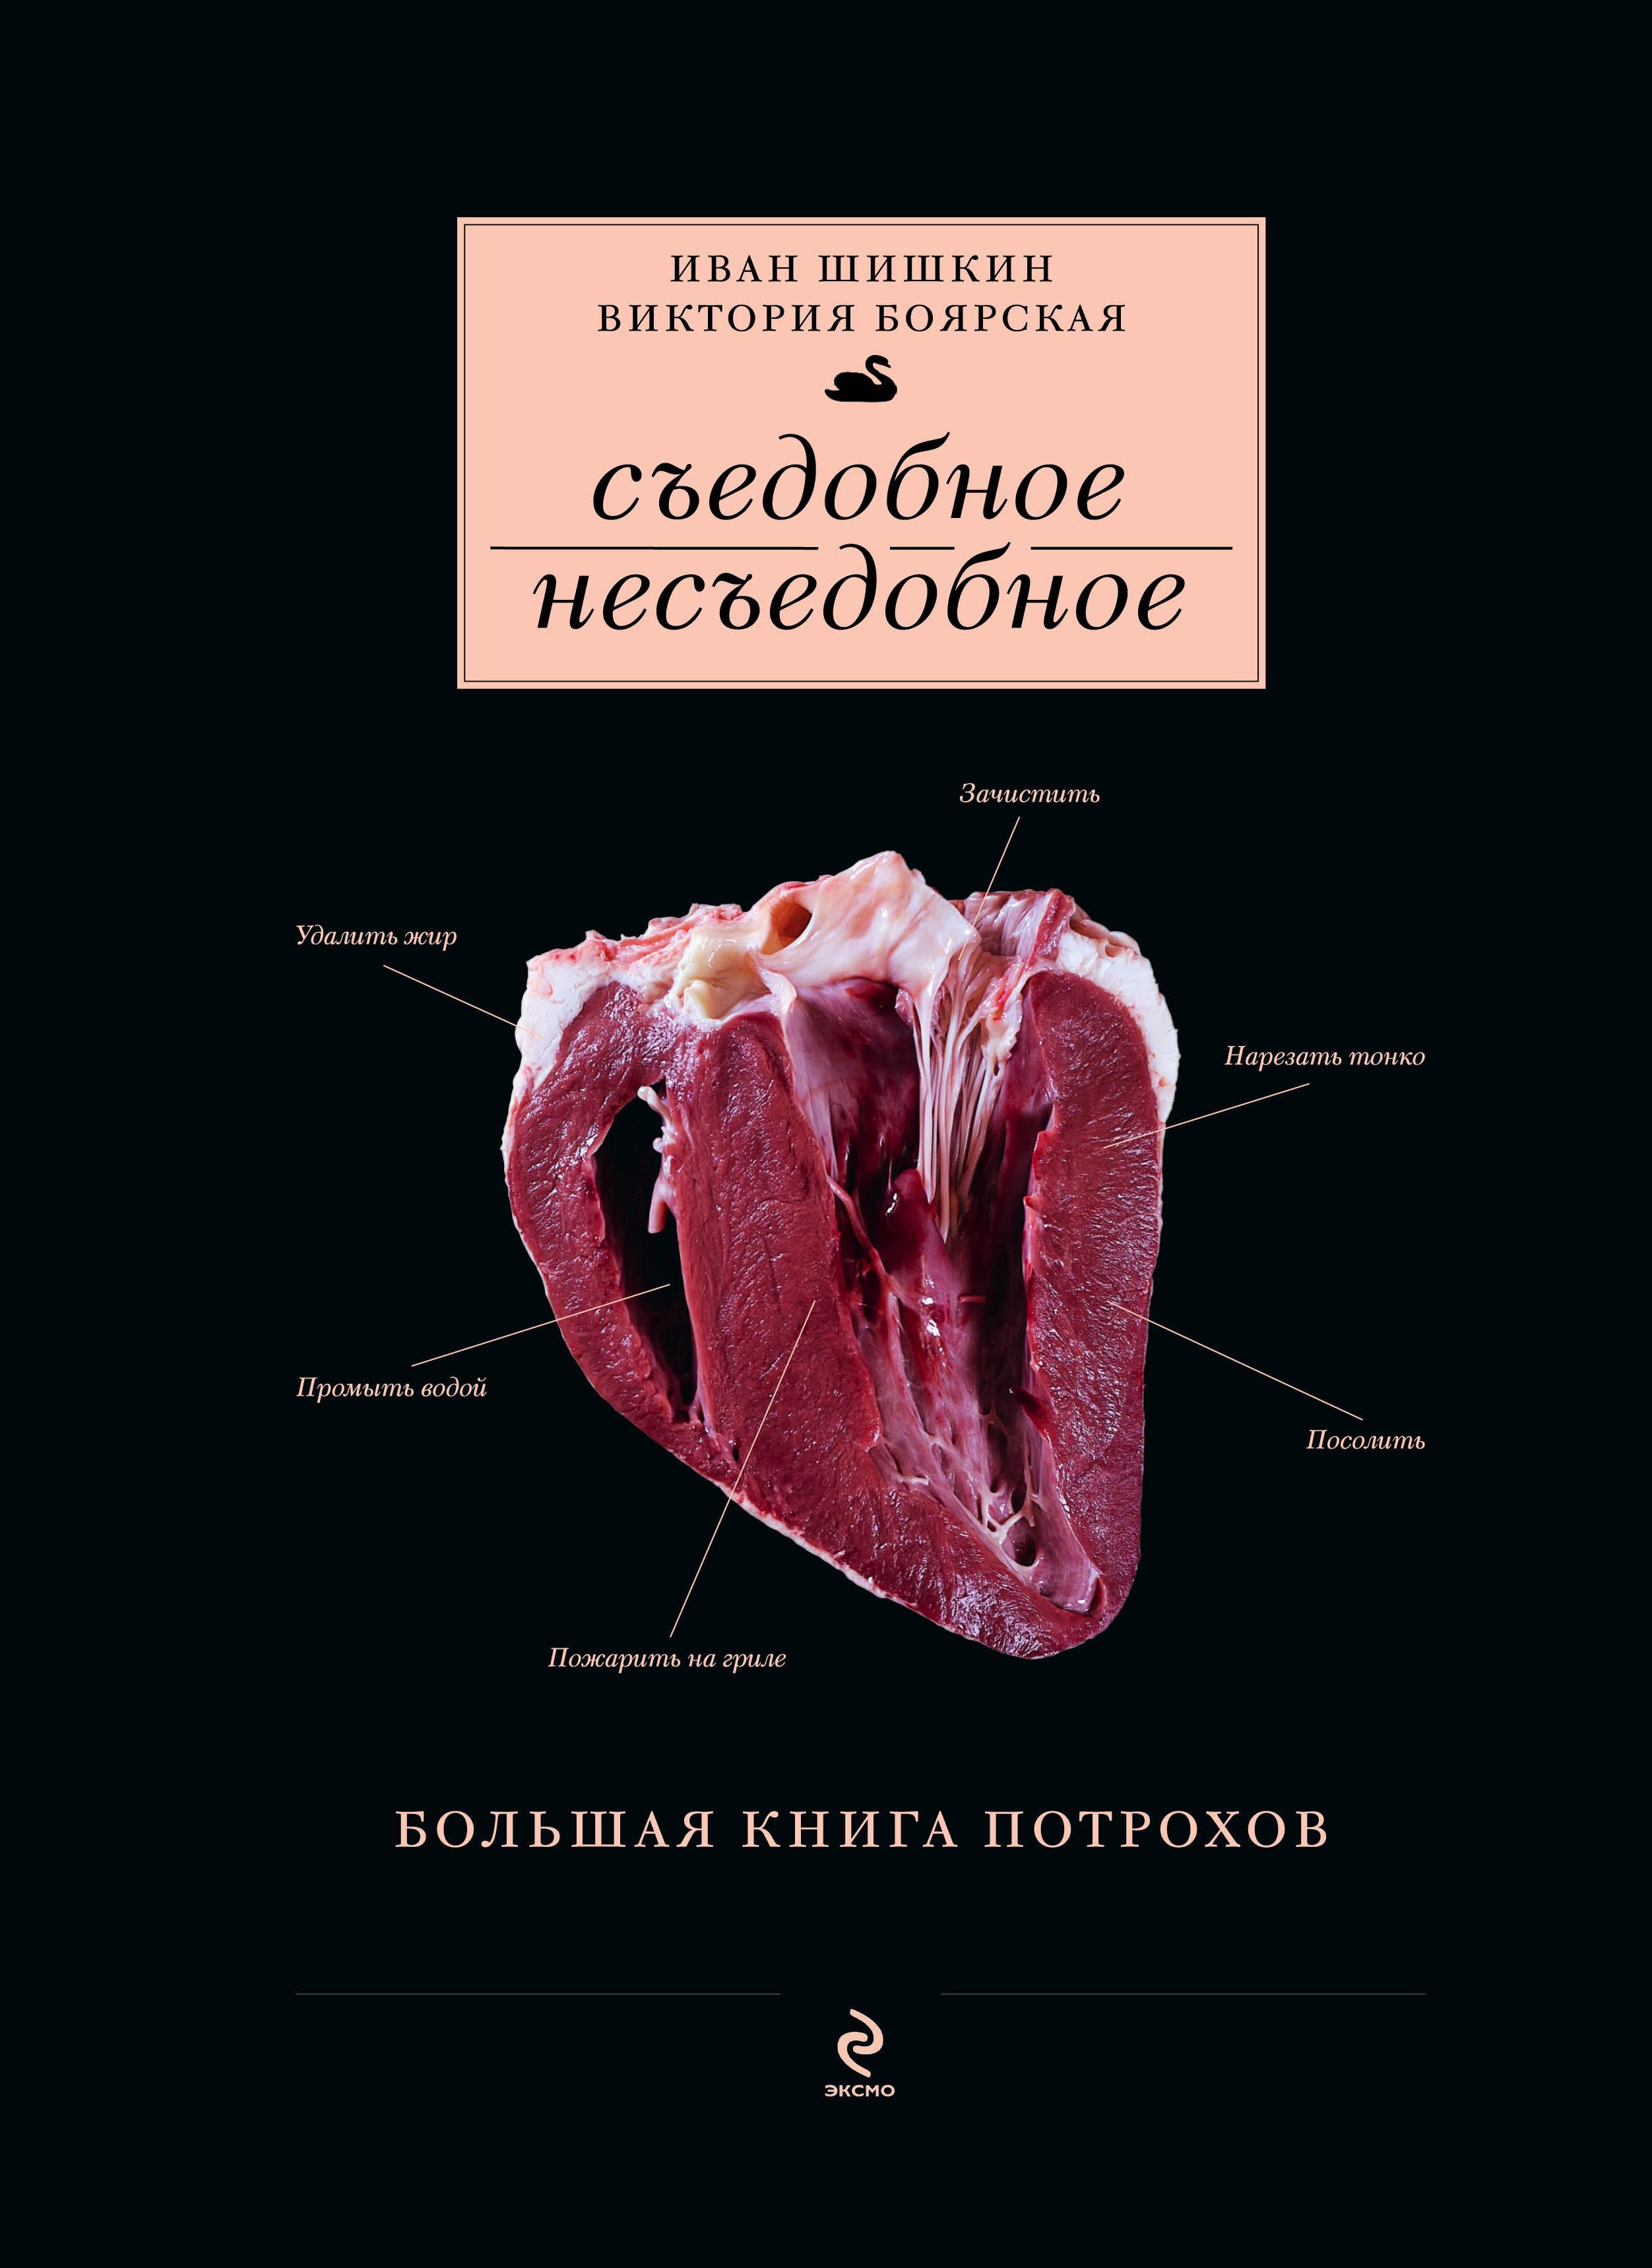 Съедобное несъедобное (Большая книга потрохов) (серия Кулинария. Авторская кухня)